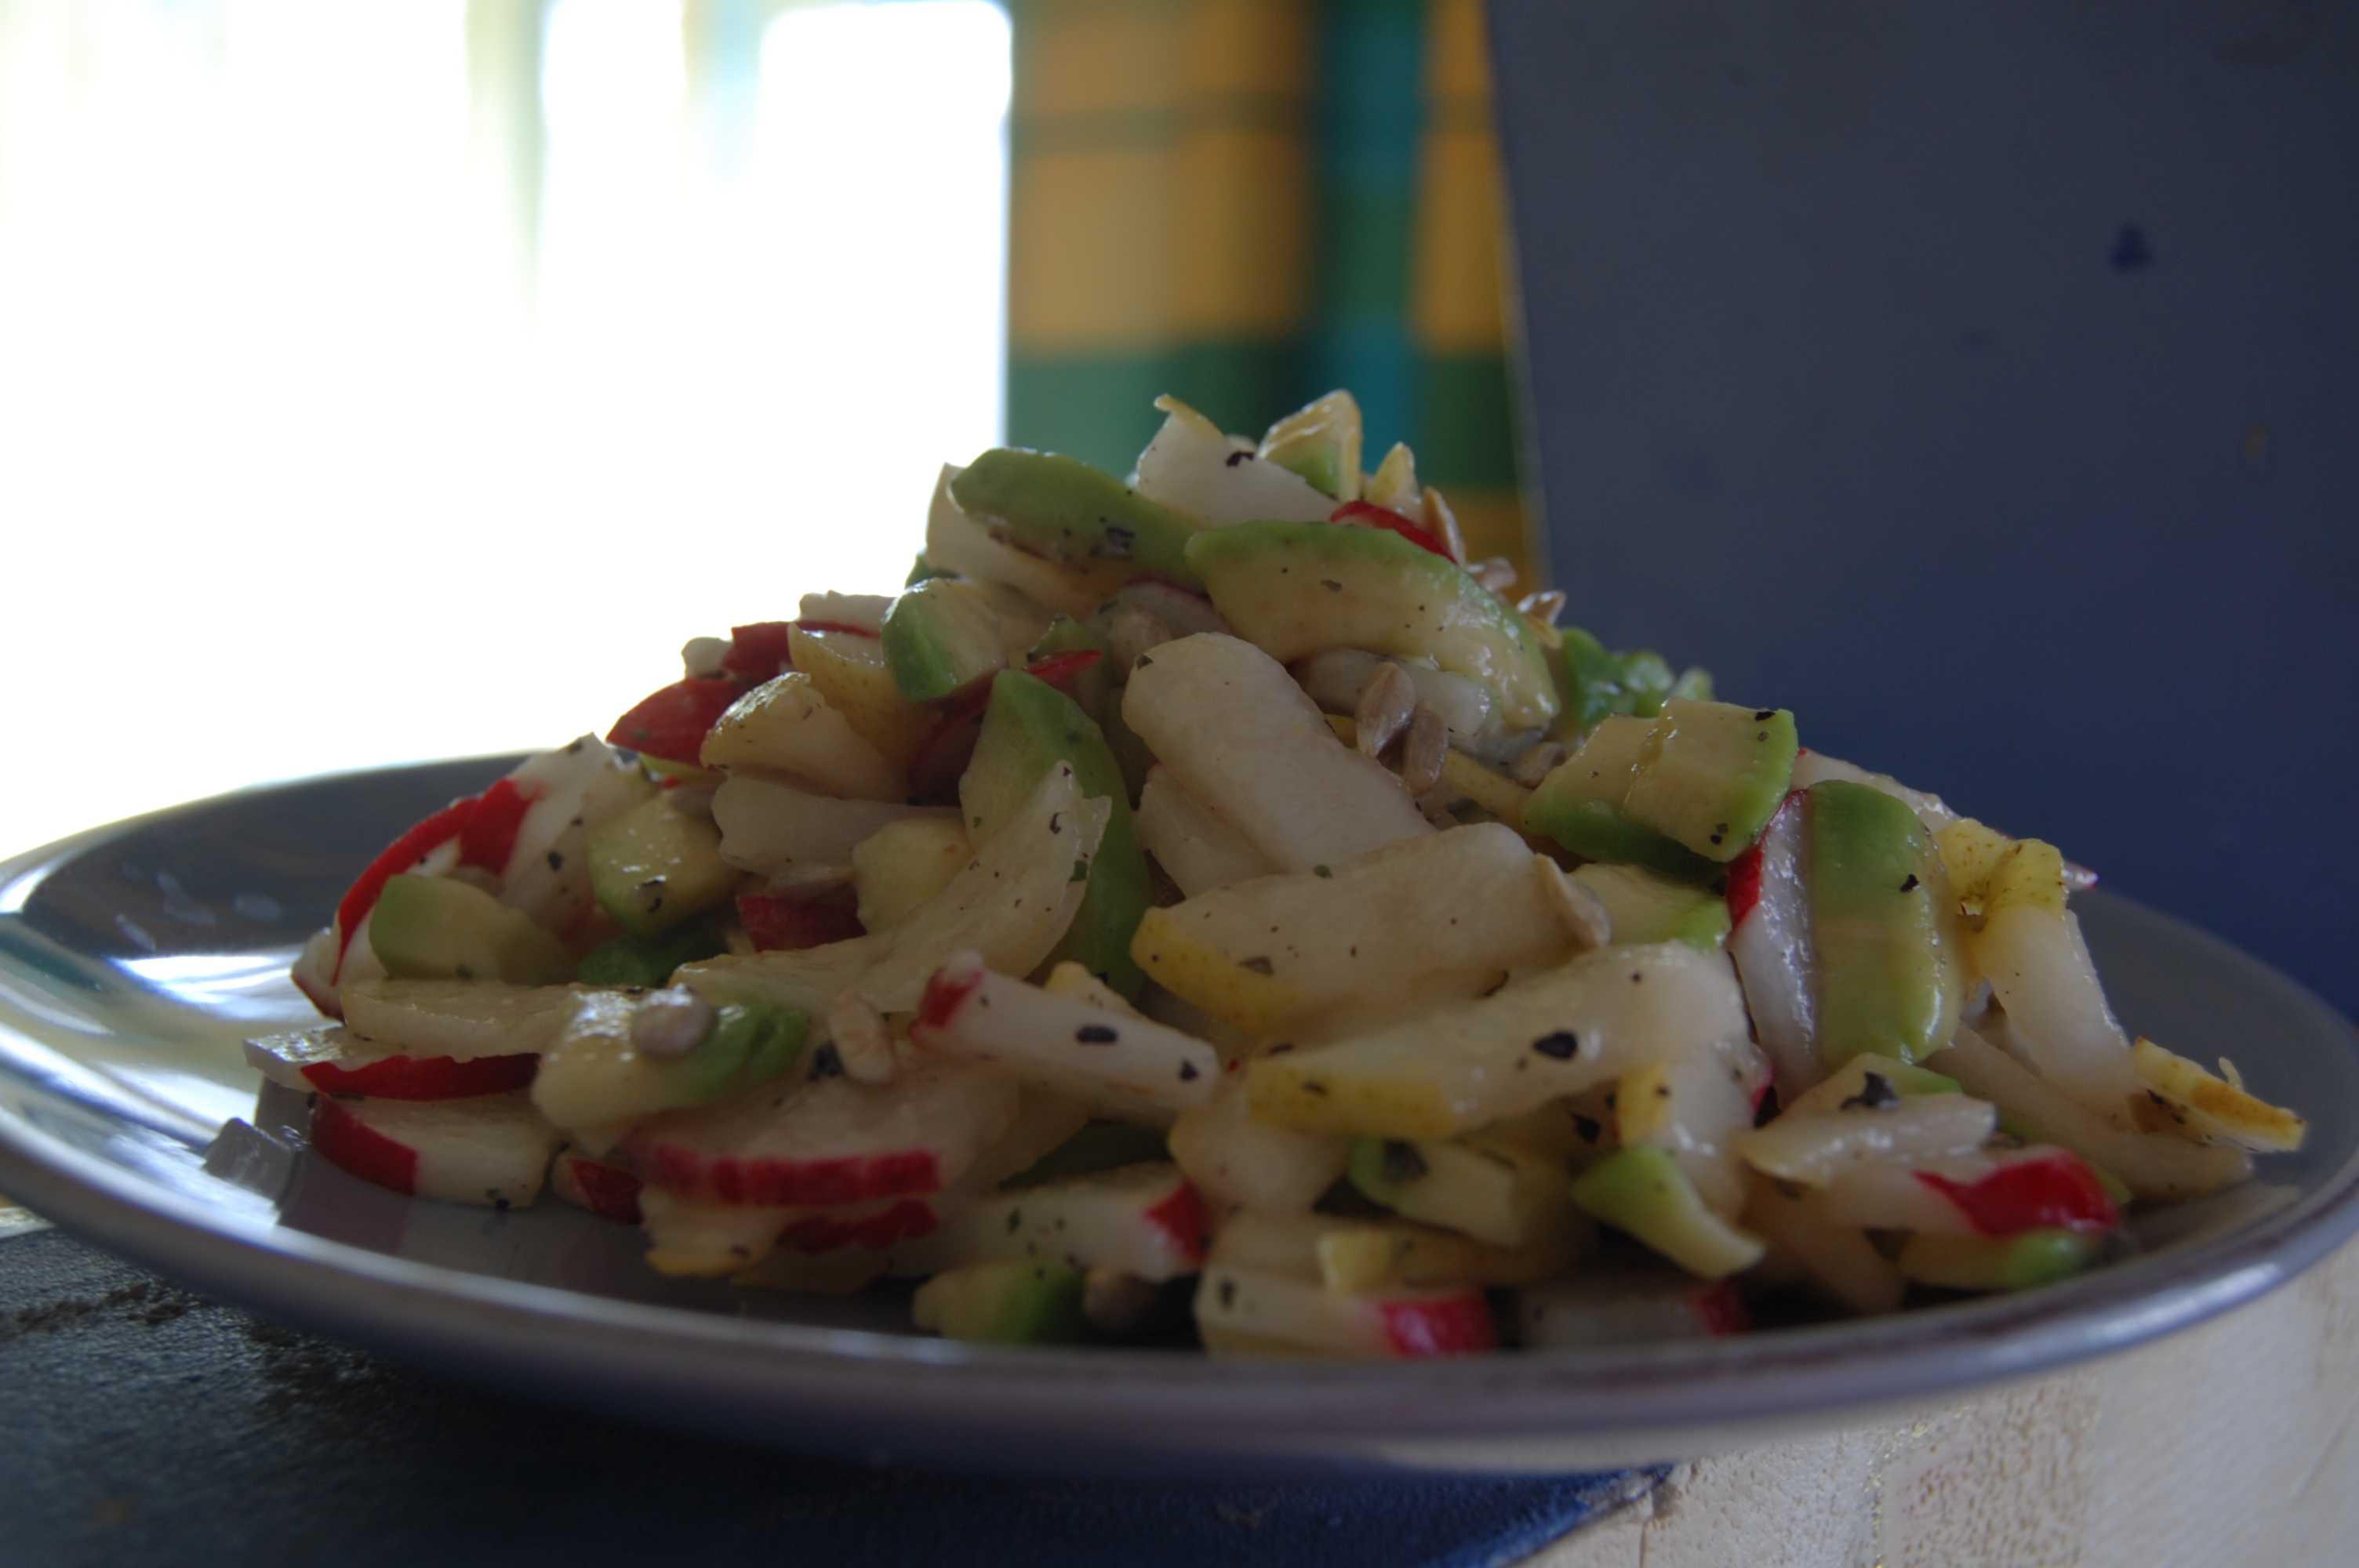 Фото салат авокадо-груша (рецепт)